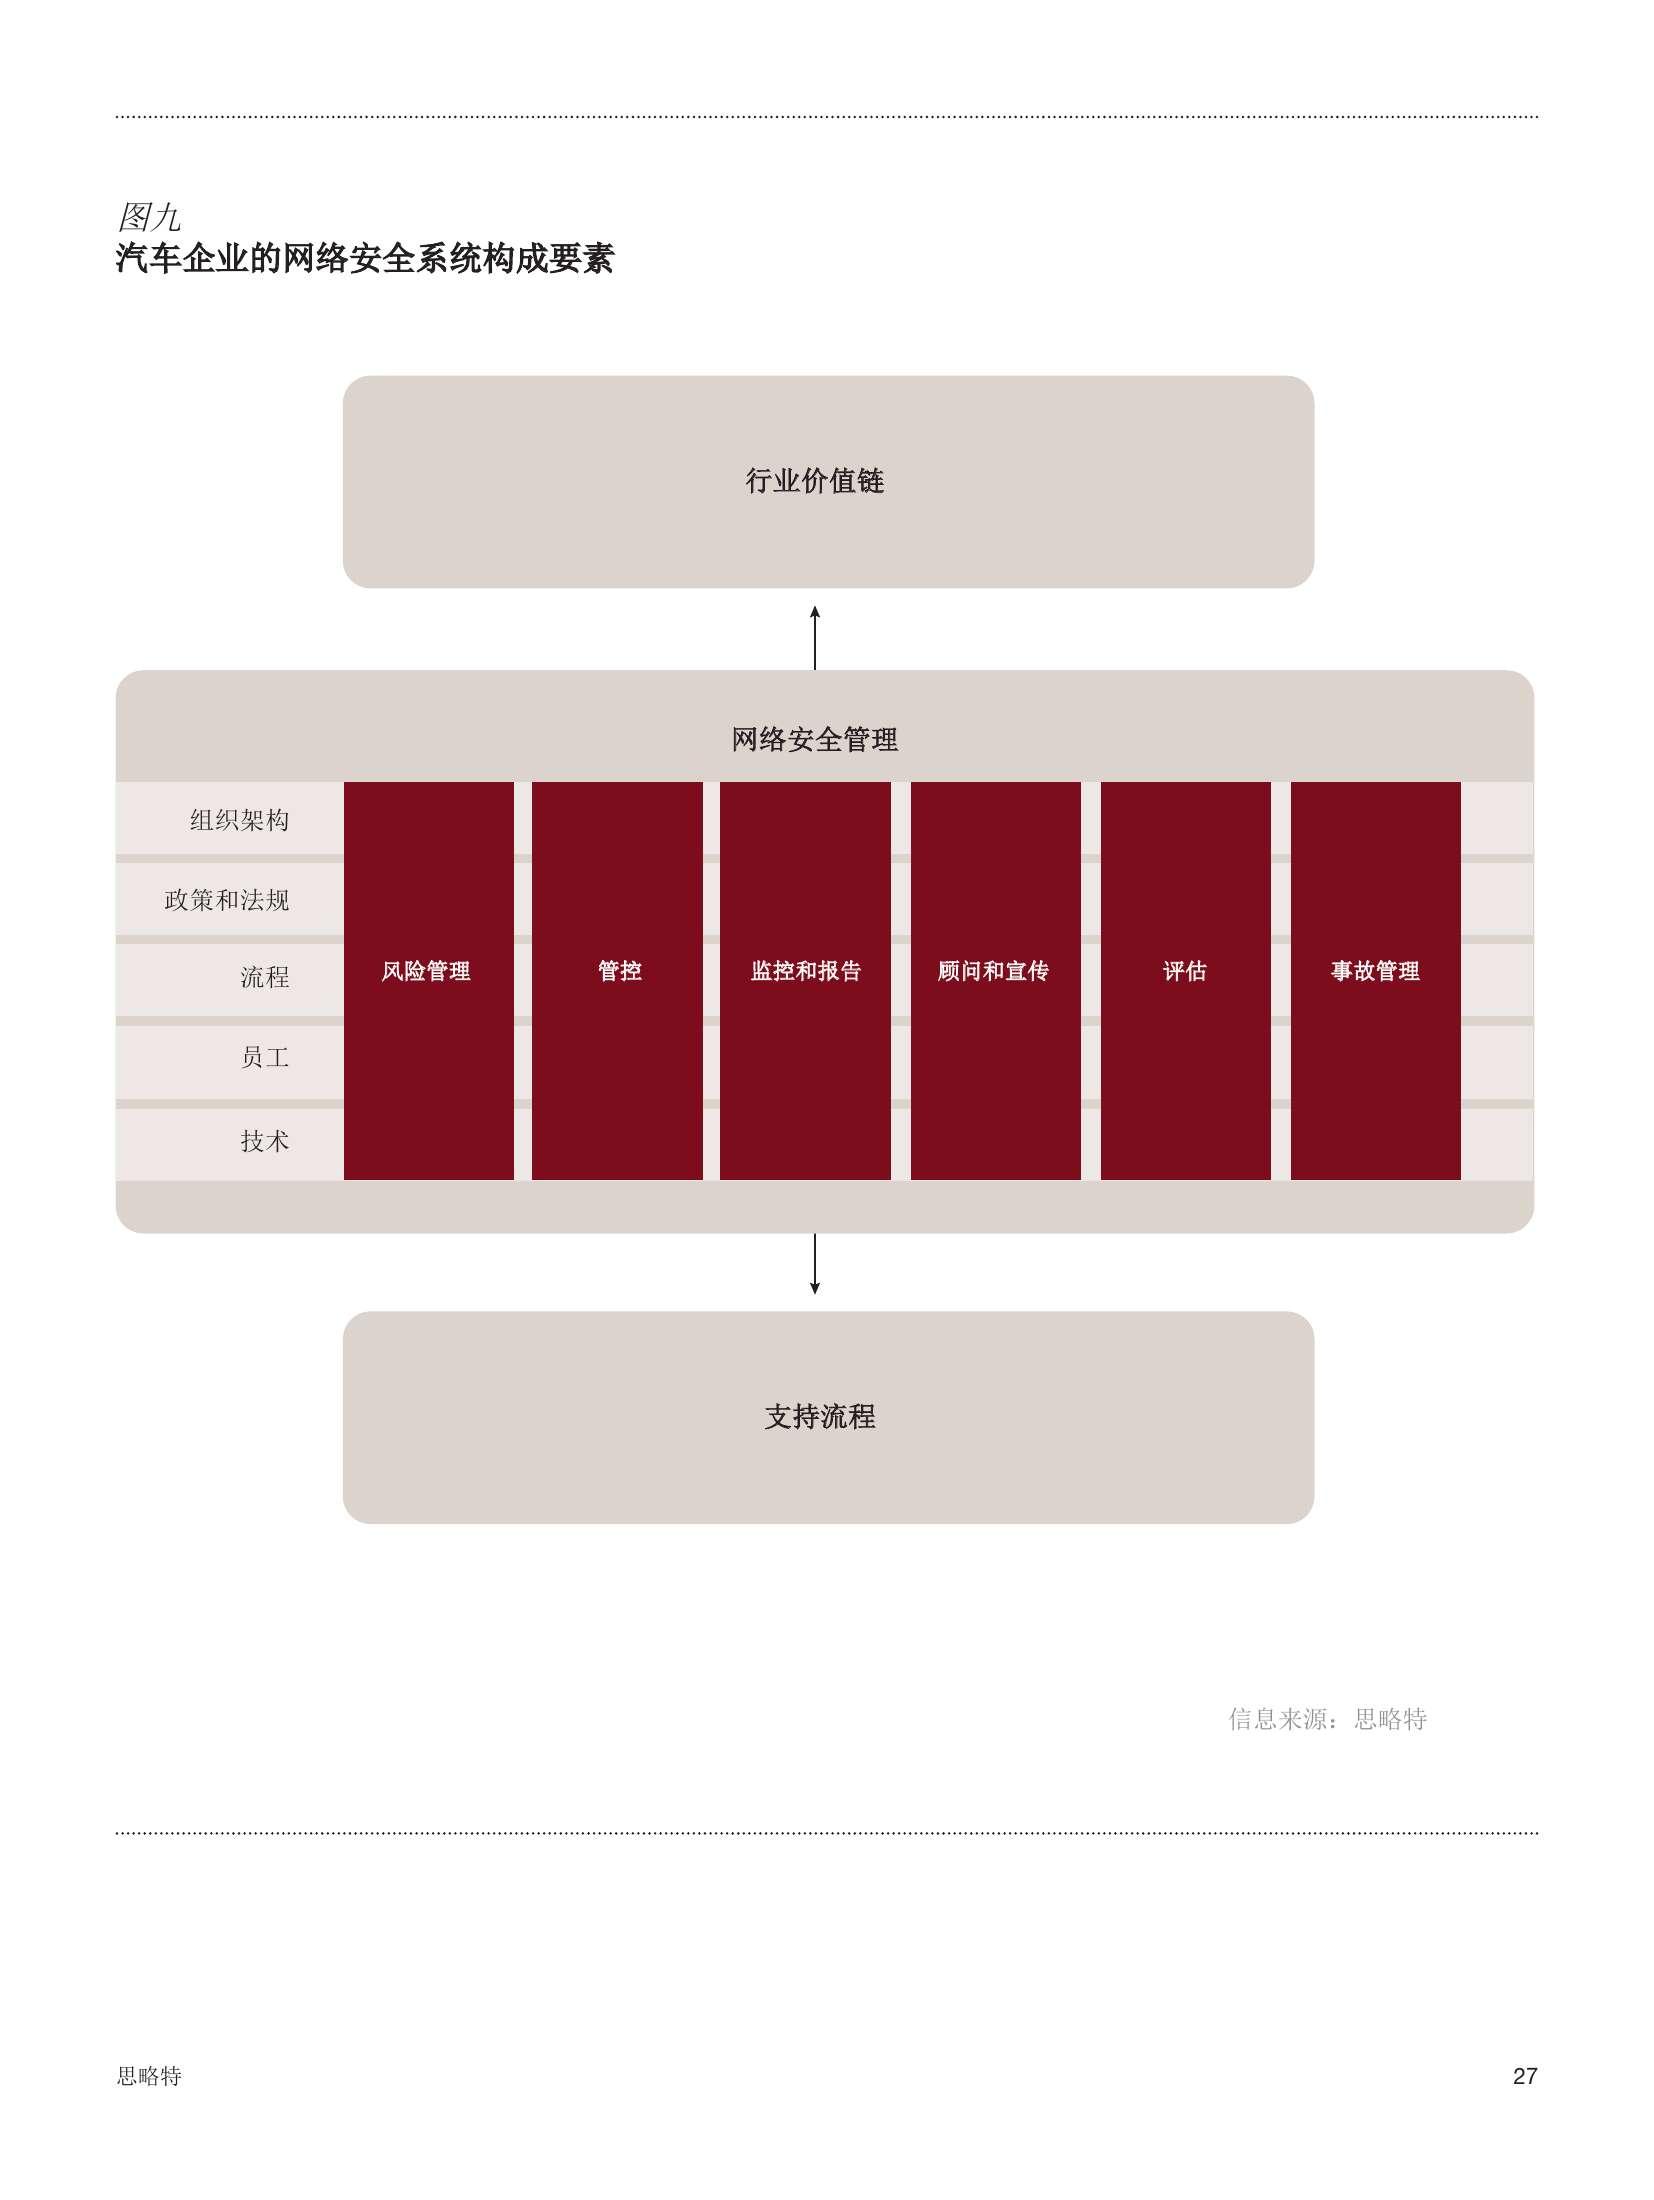 2015智能网联汽车调查_000027